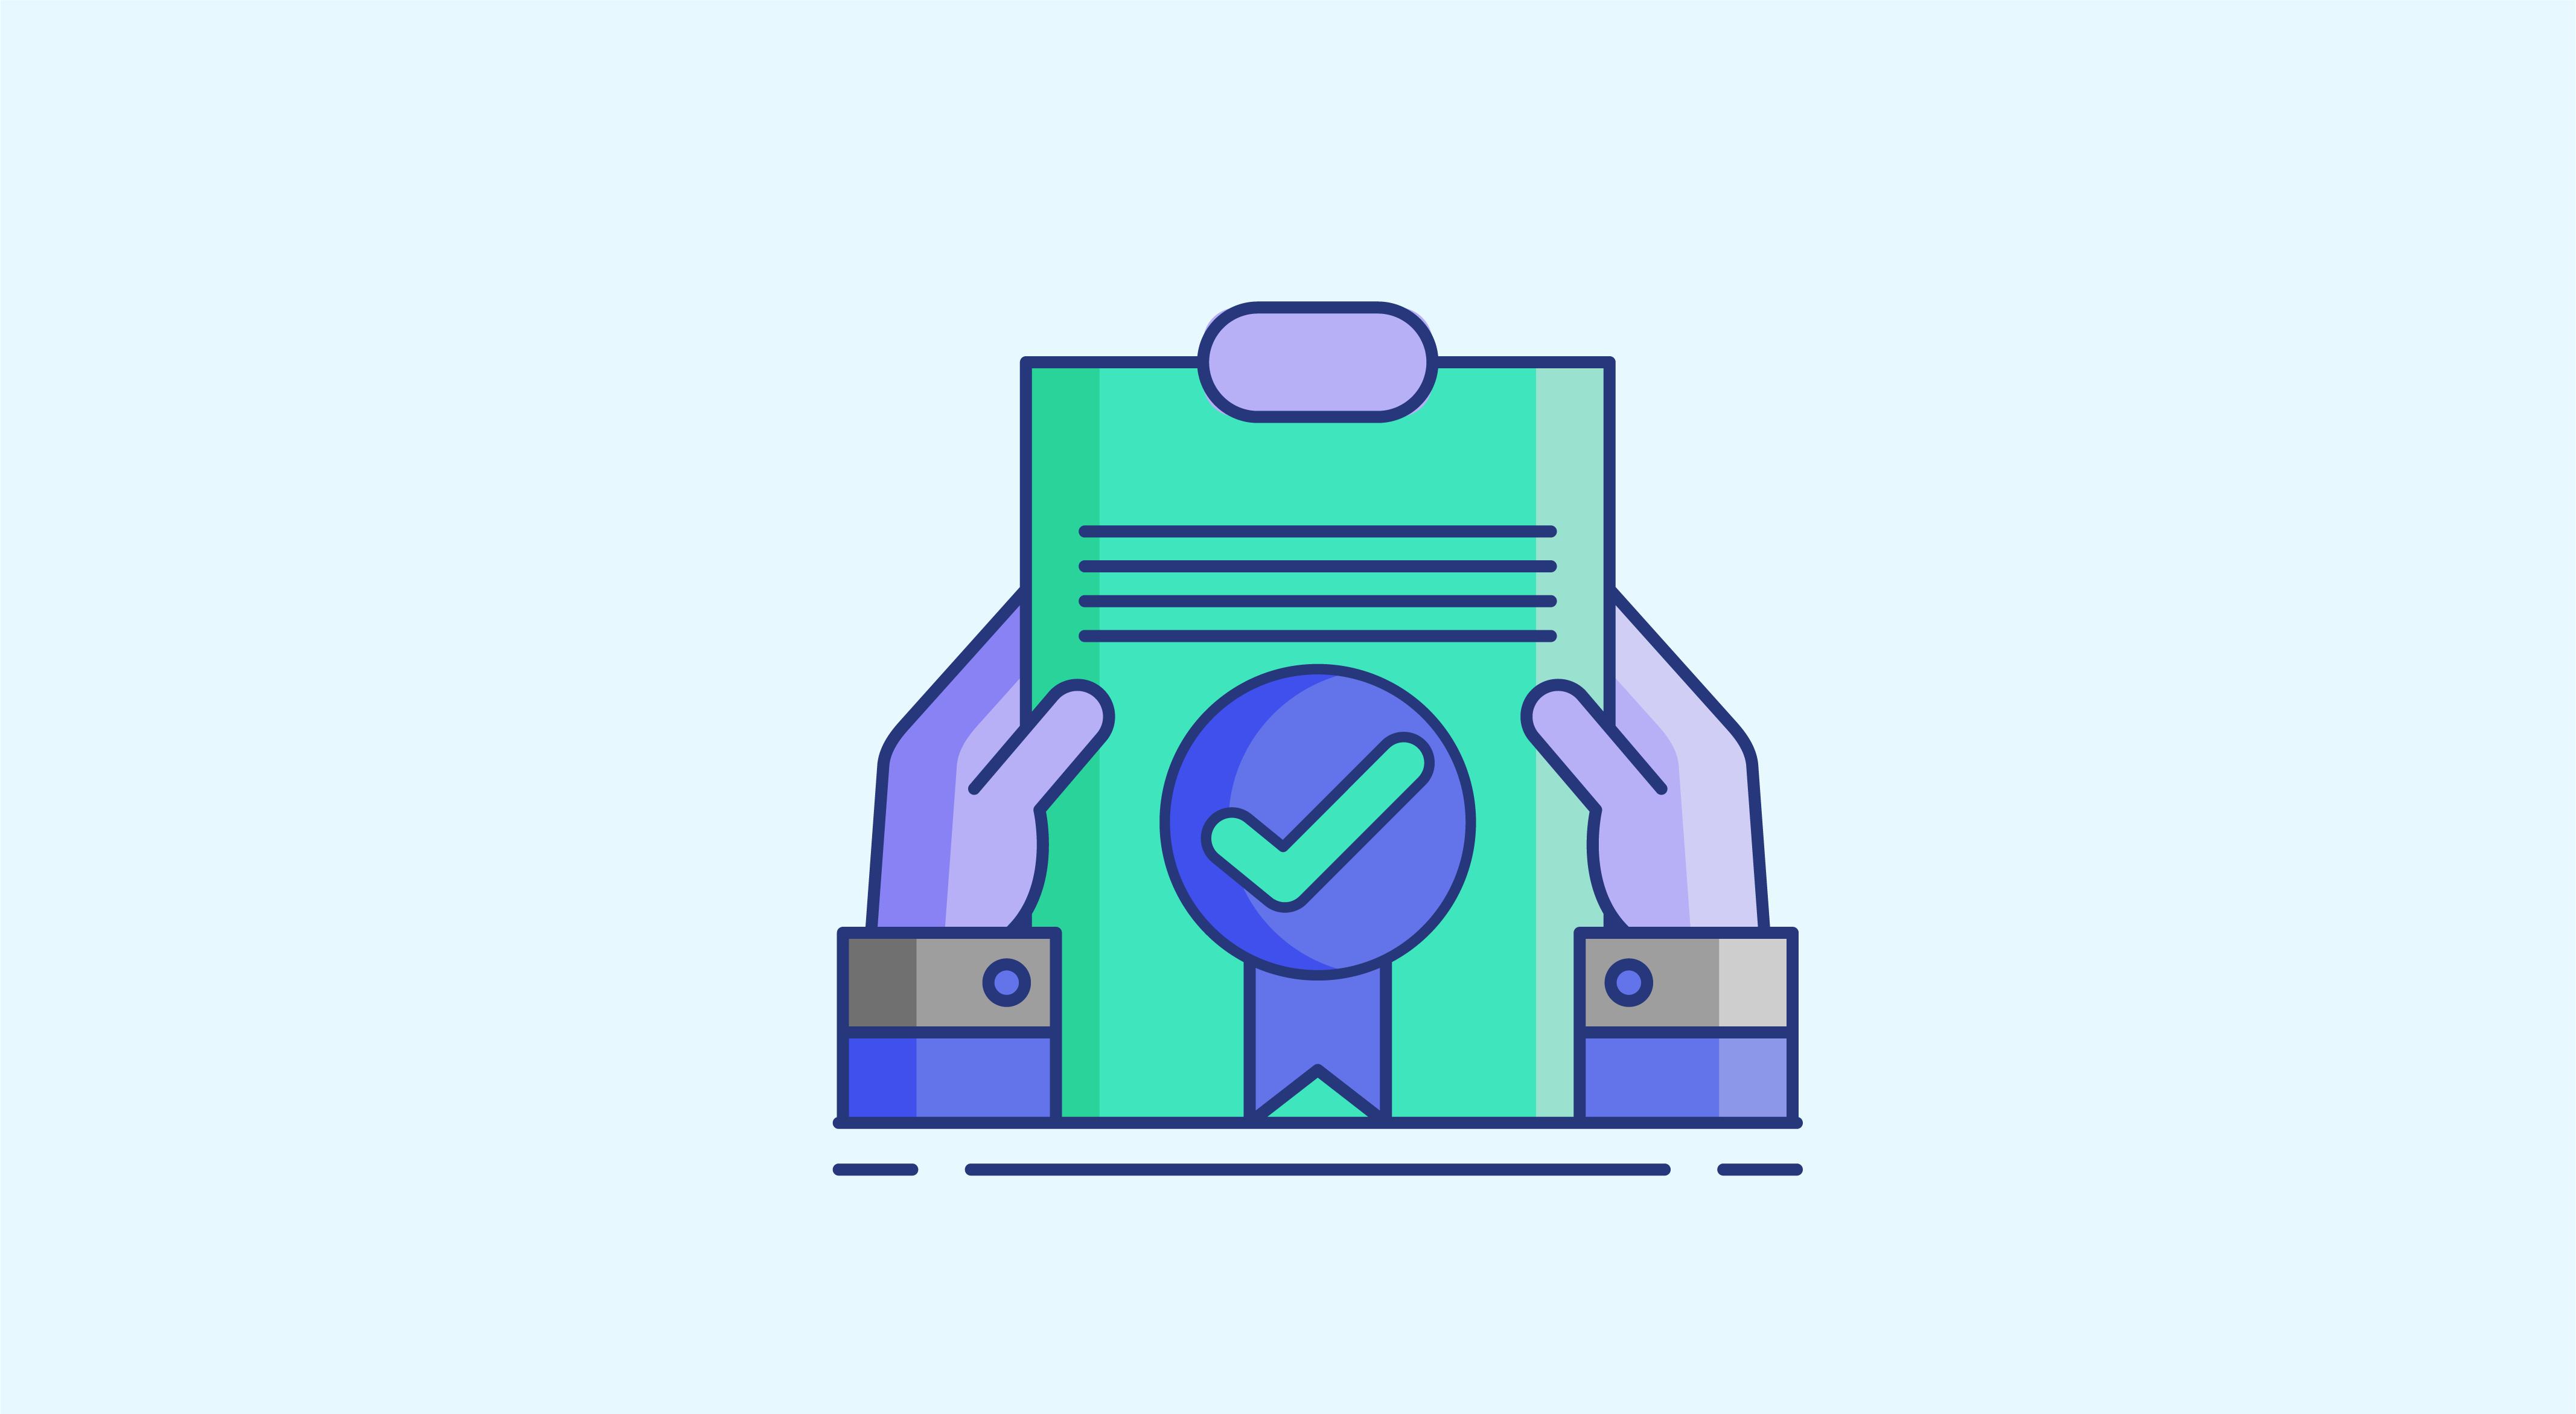 Pourquoi les certifications Data science sont-elles importantes ?